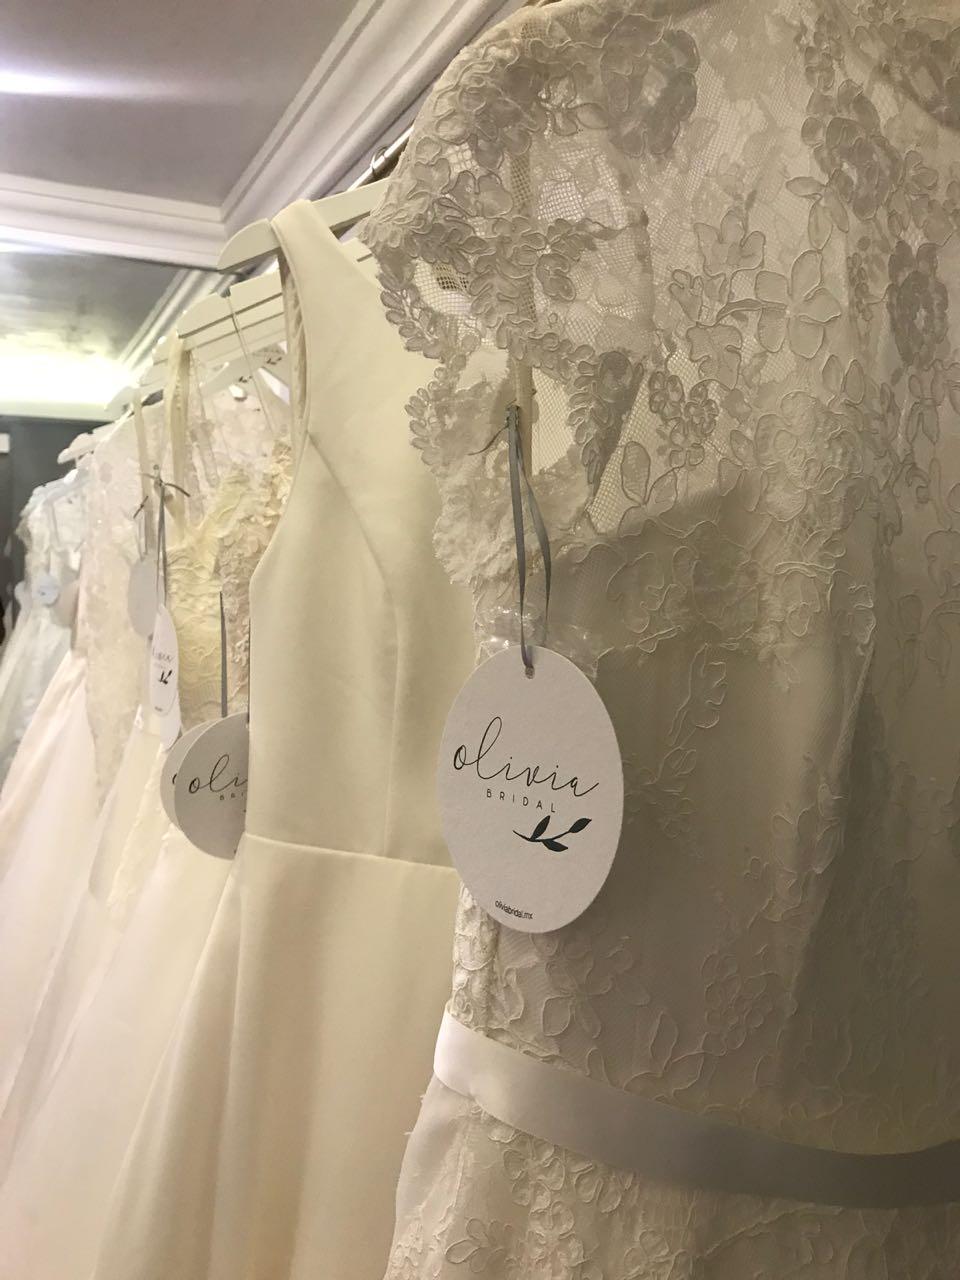 Vestidos de novia de todos las formas y estilos: con encaje, strapless, de princesa, alternativo.